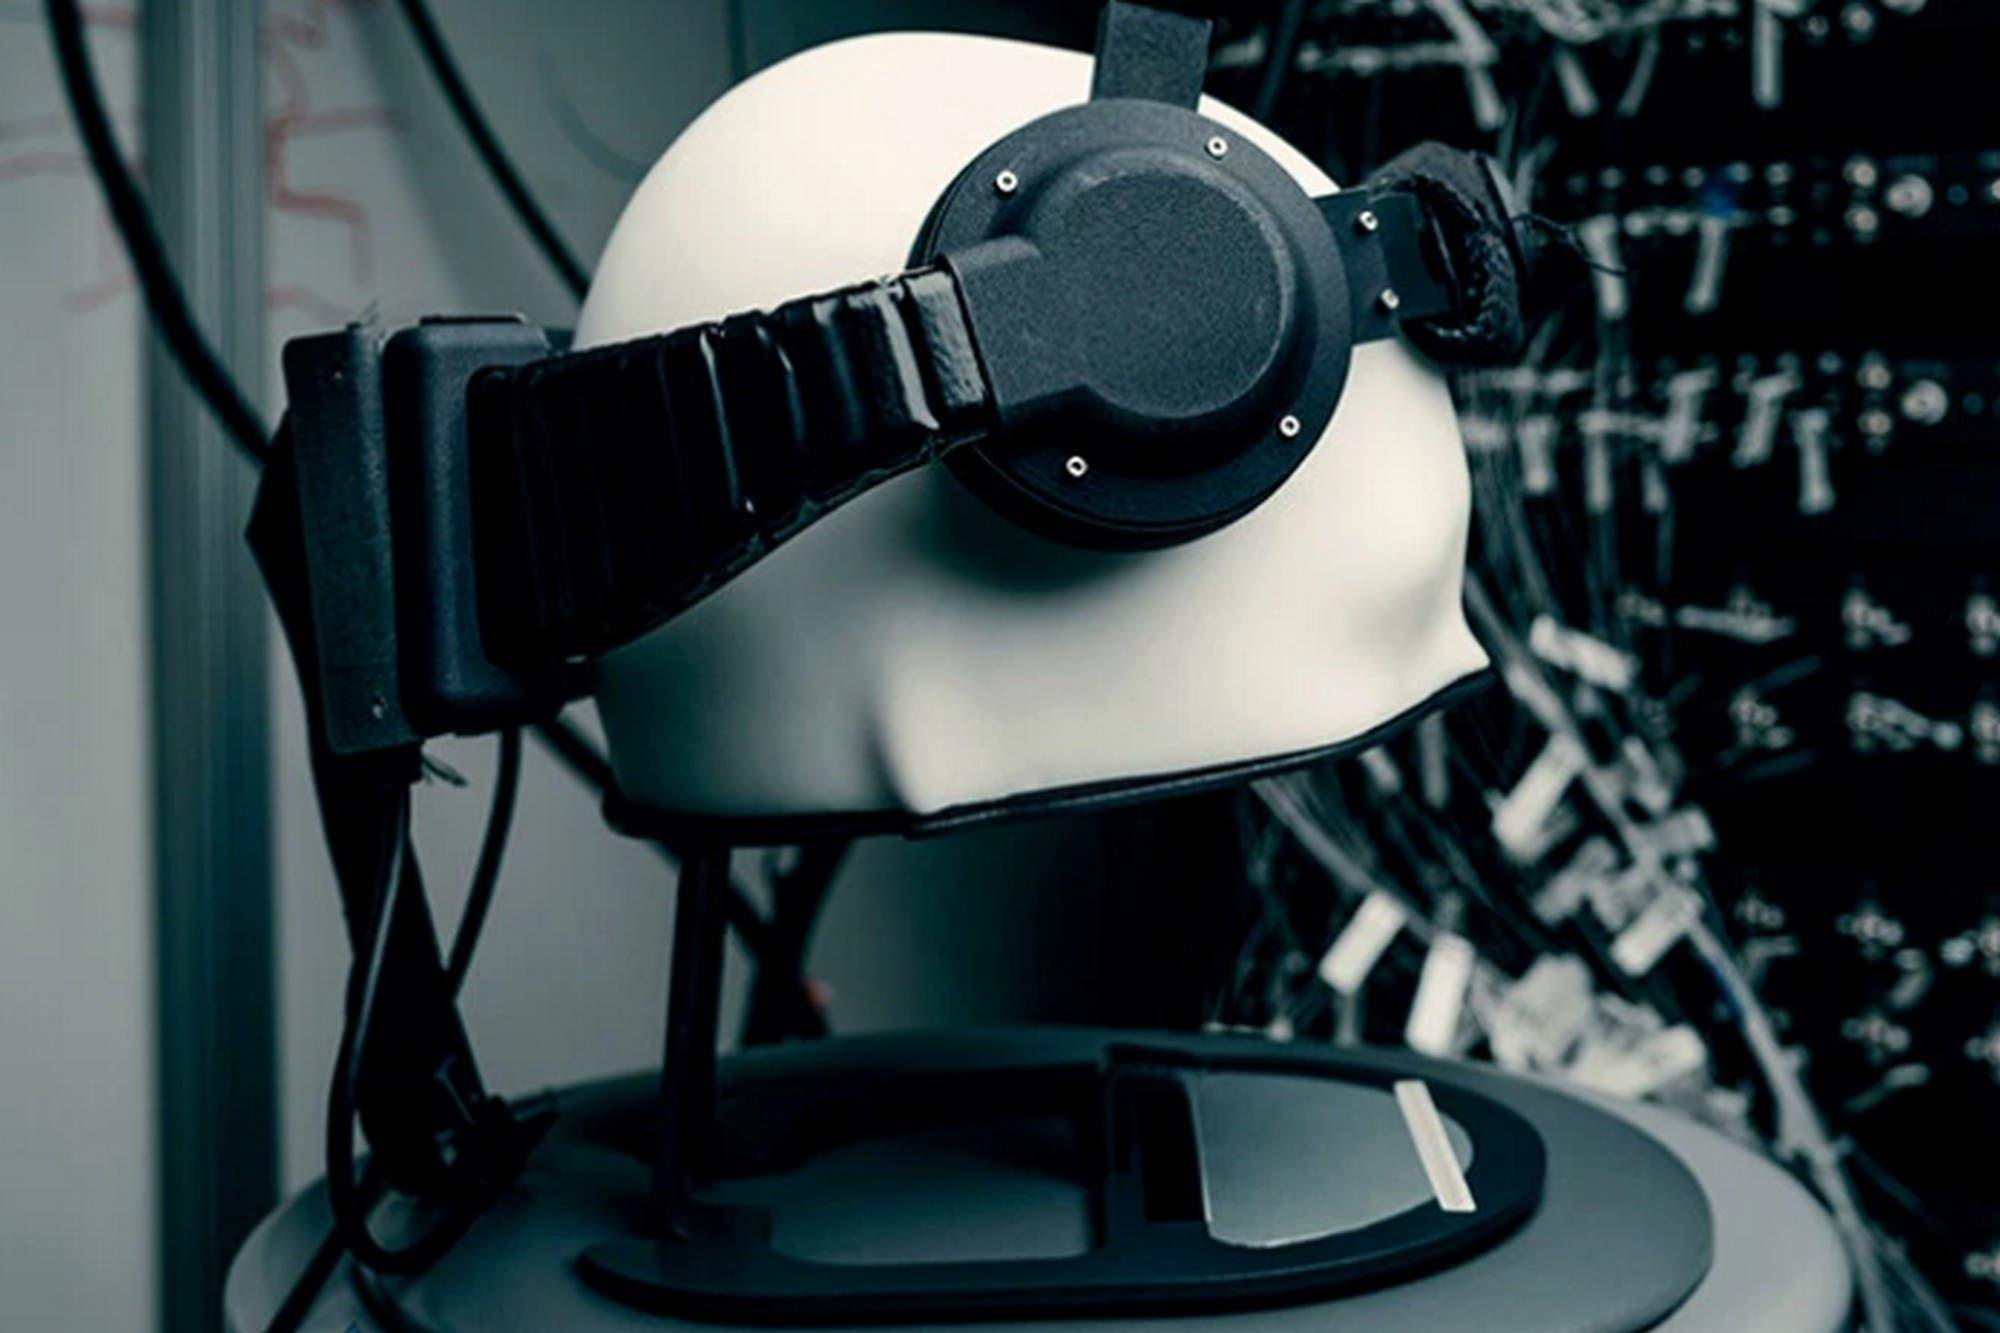 Facebook revela más detalles de su sistema para controlar máquinas con la mente